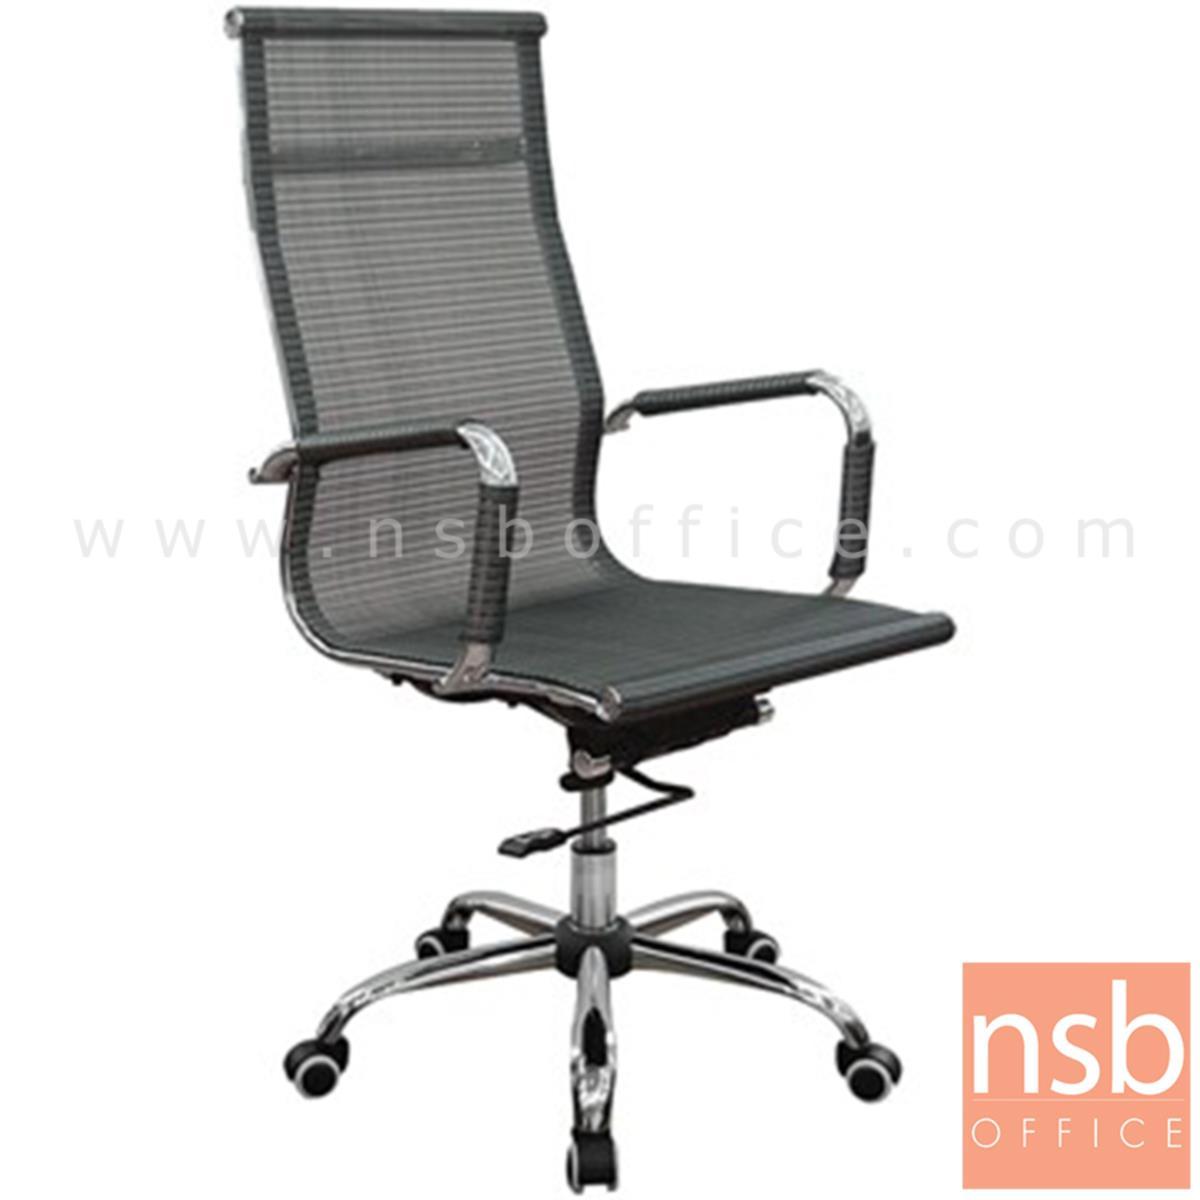 B24A075:เก้าอี้ผู้บริหารหลังเน็ต รุ่น Lagerfeld (เลเกอร์ฟีลด์)  โช๊คแก๊ส มีก้อนโยก ขาเหล็กชุบโครเมี่ยม